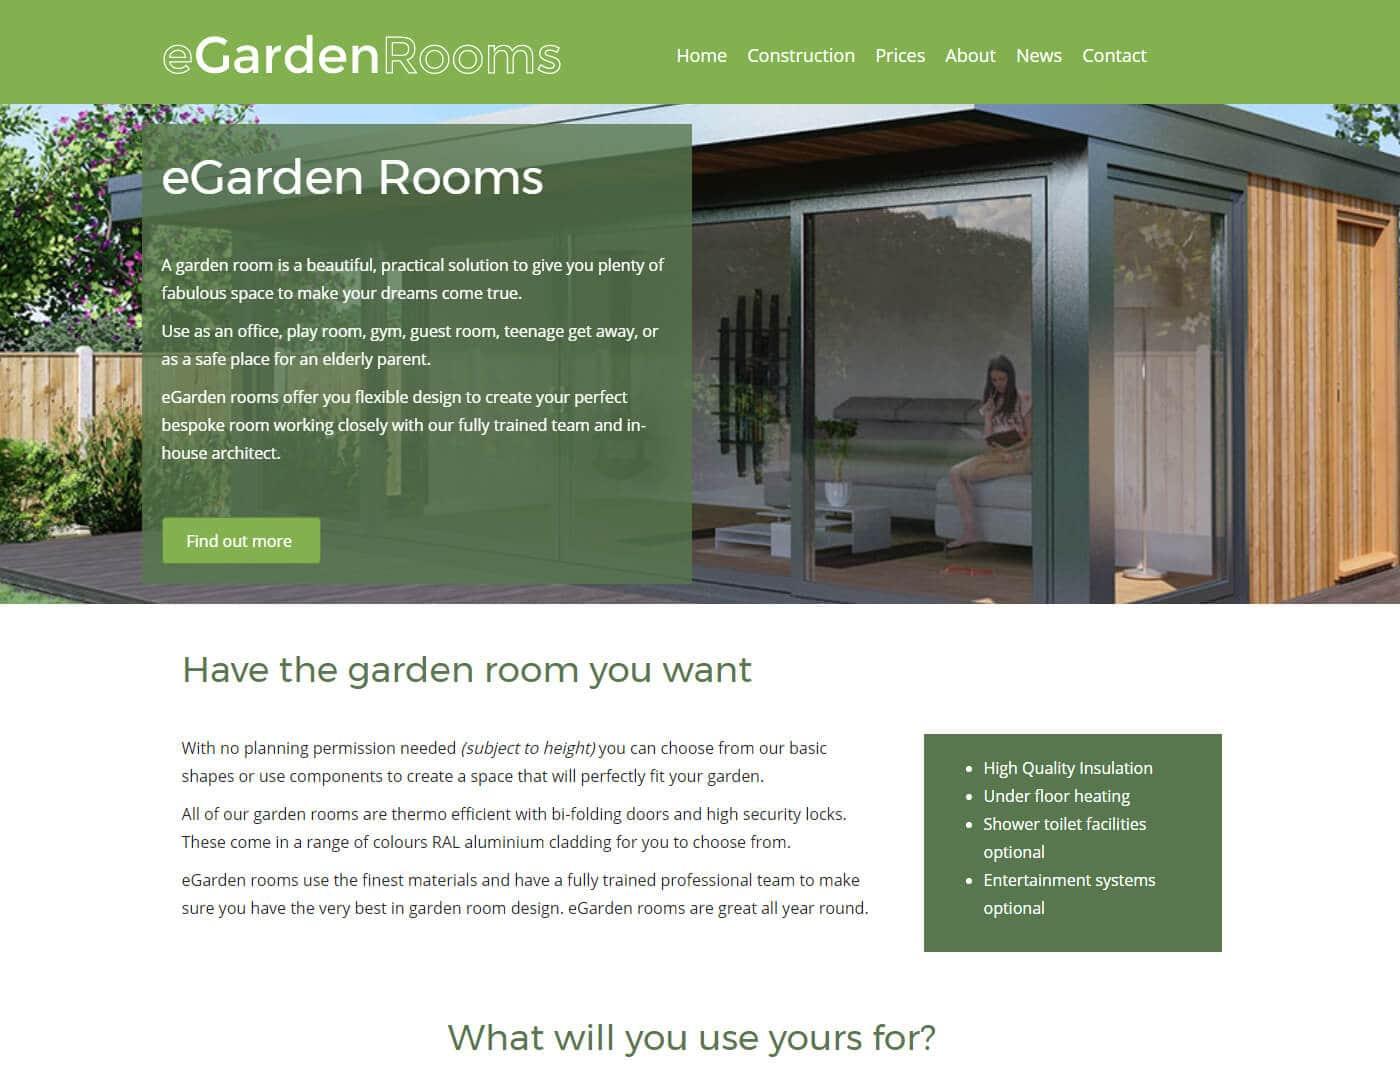 eGarden Rooms